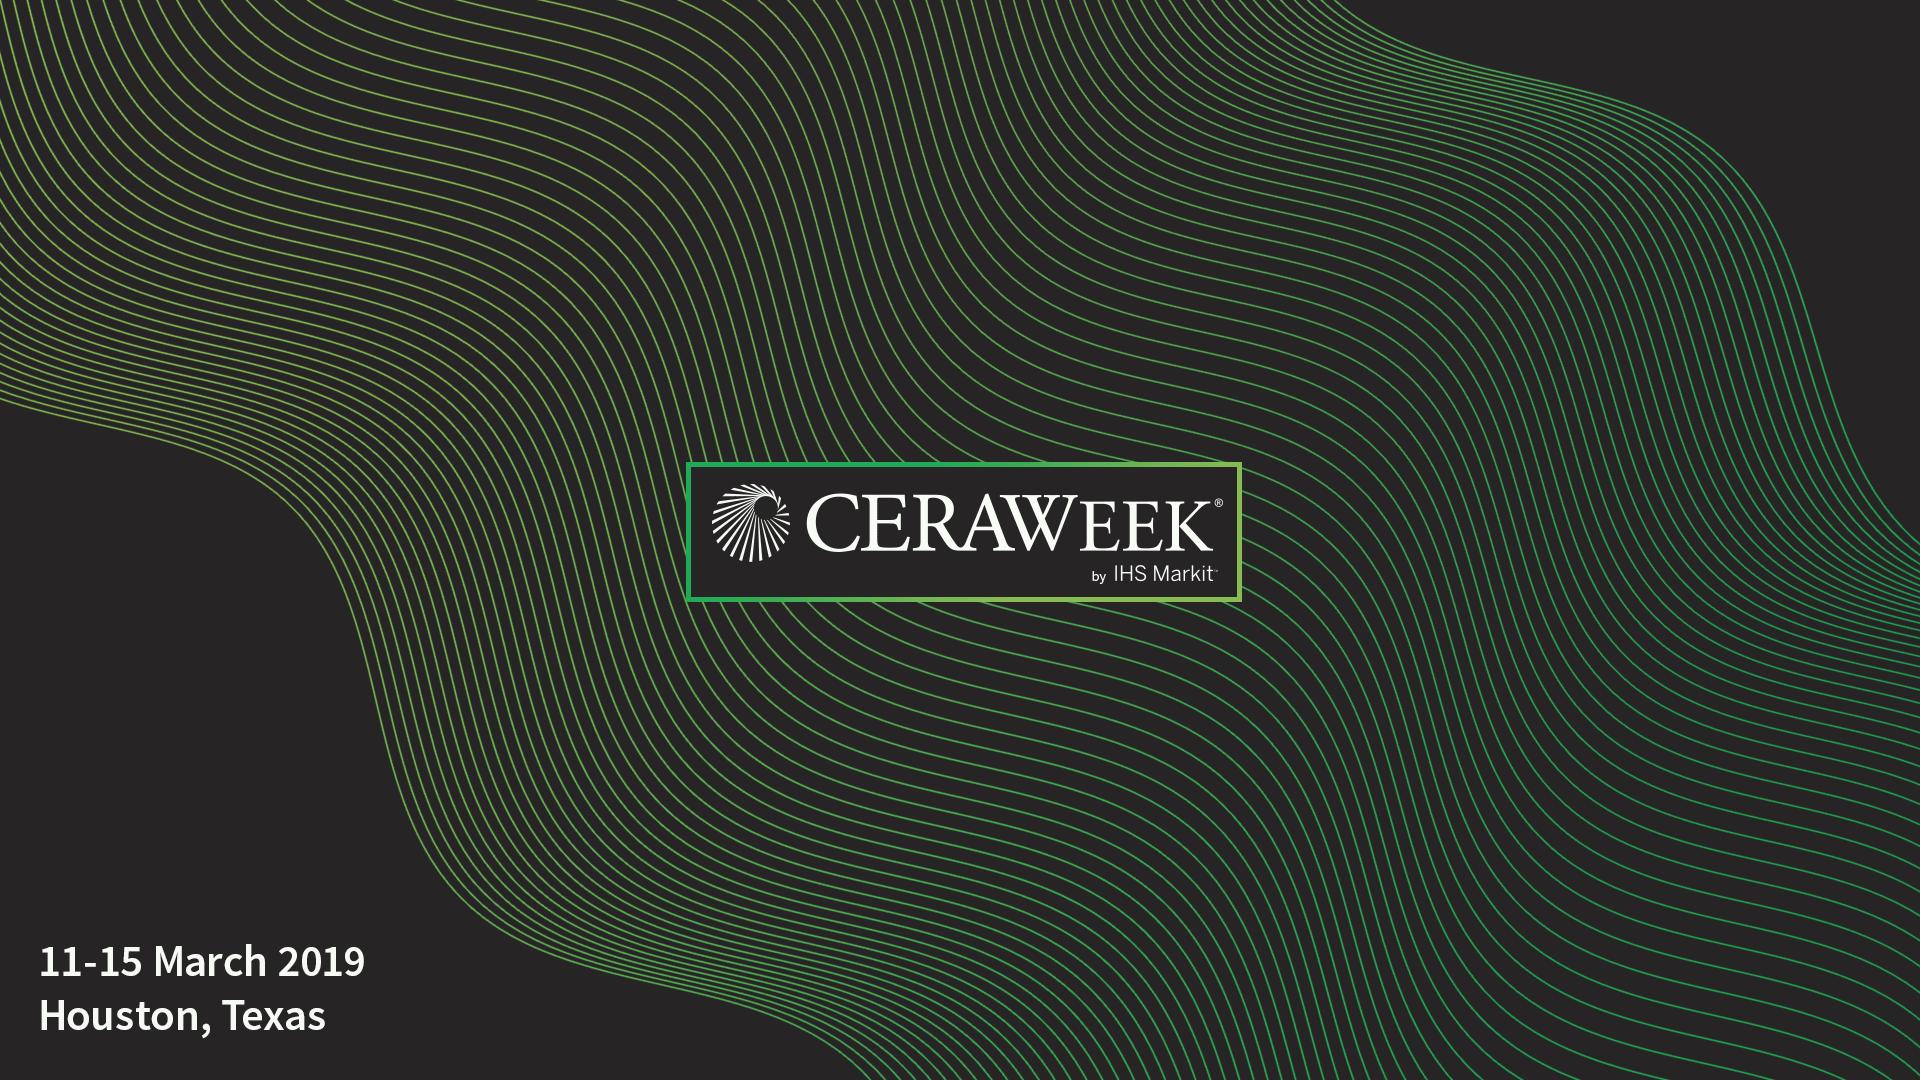 Ceraweek_Title_v0101.png